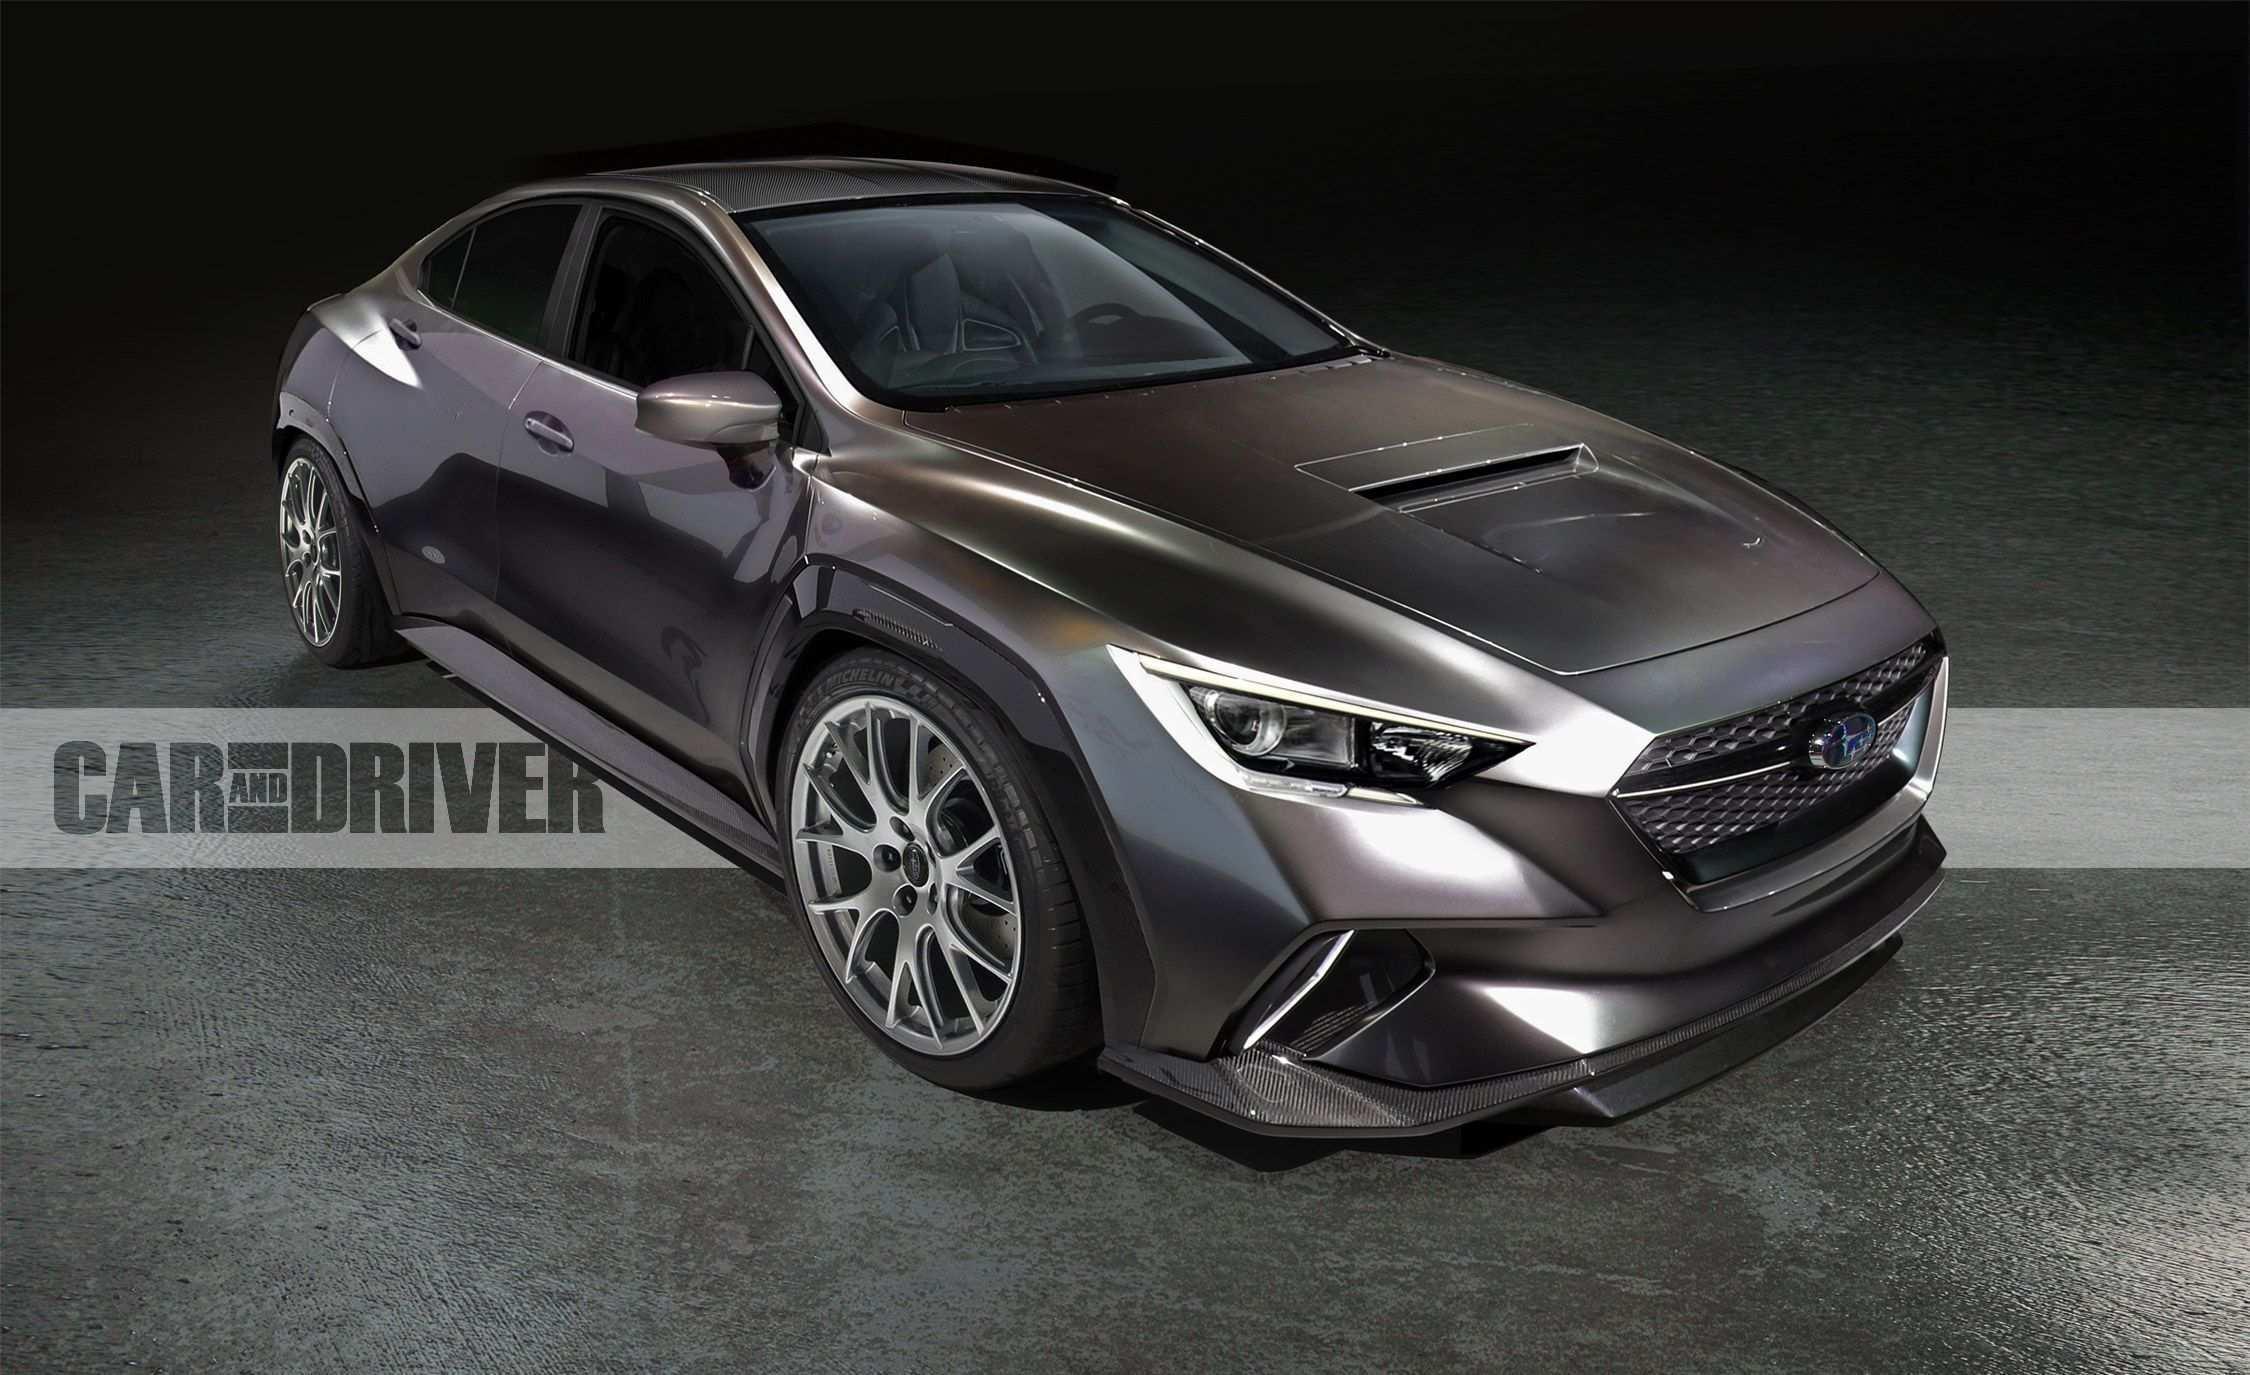 62 All New 2020 Subaru Wrx Series Gray Price for 2020 Subaru Wrx Series Gray